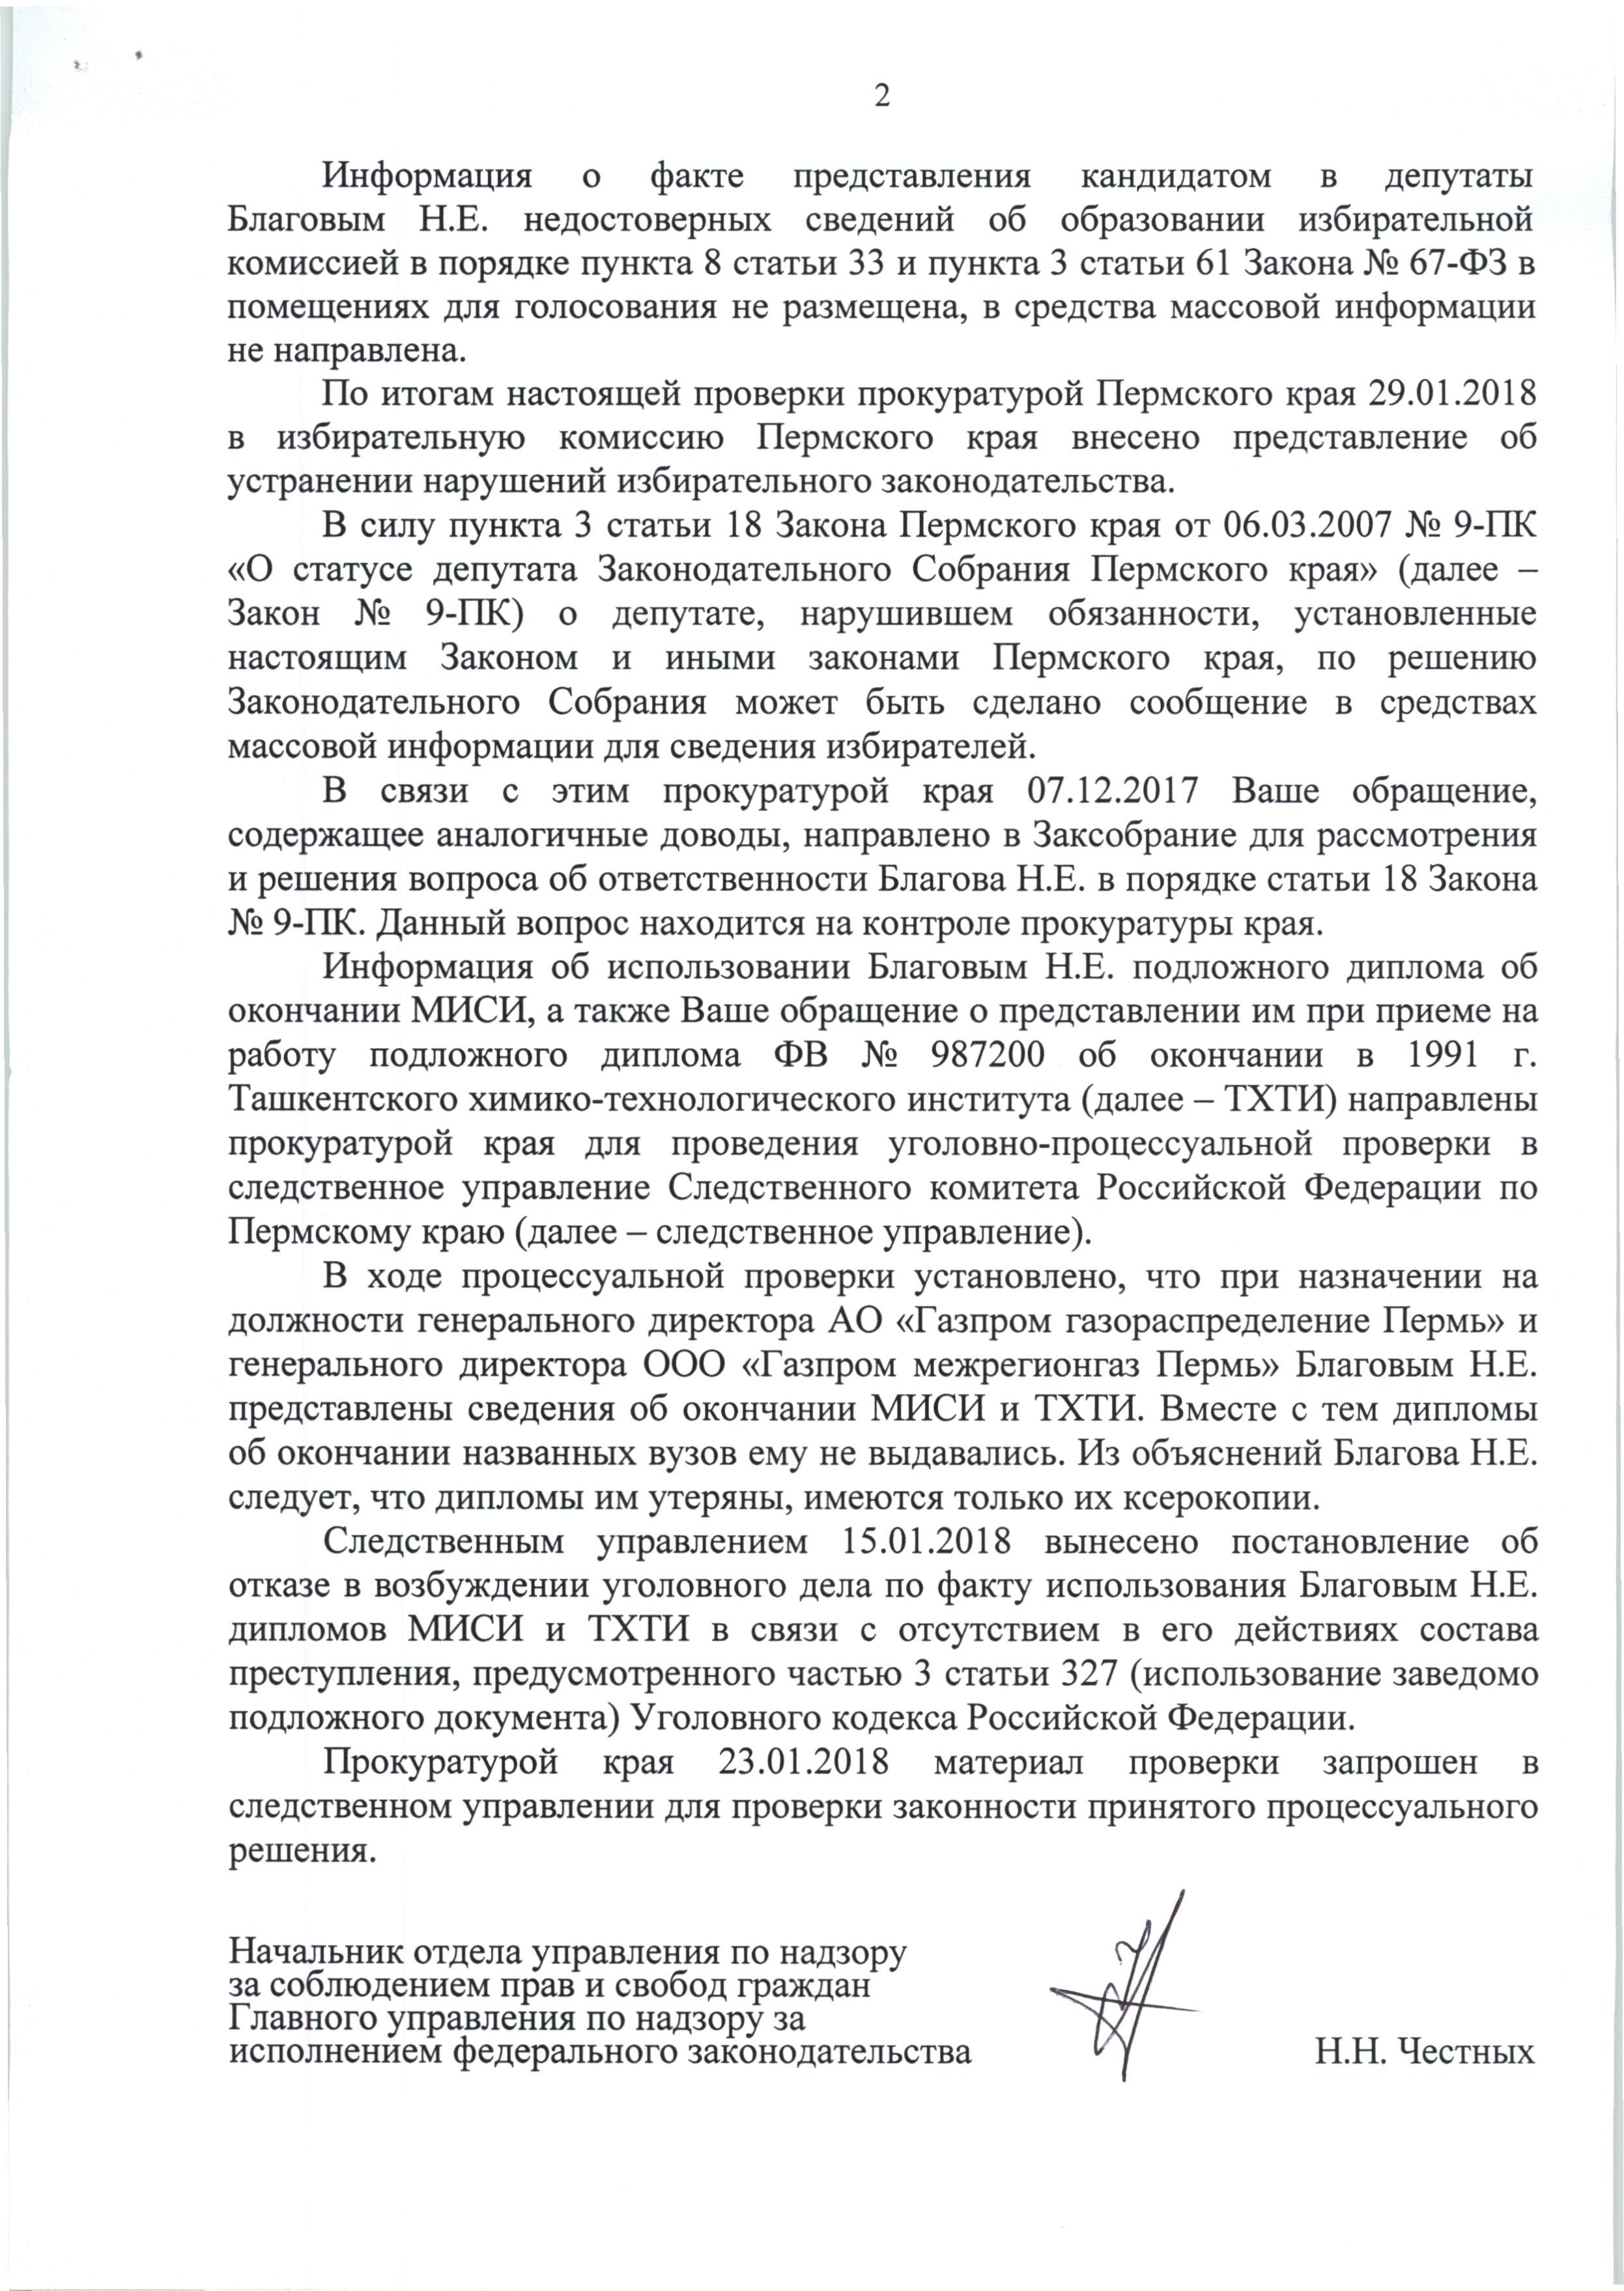 фото письма из прокуратуры